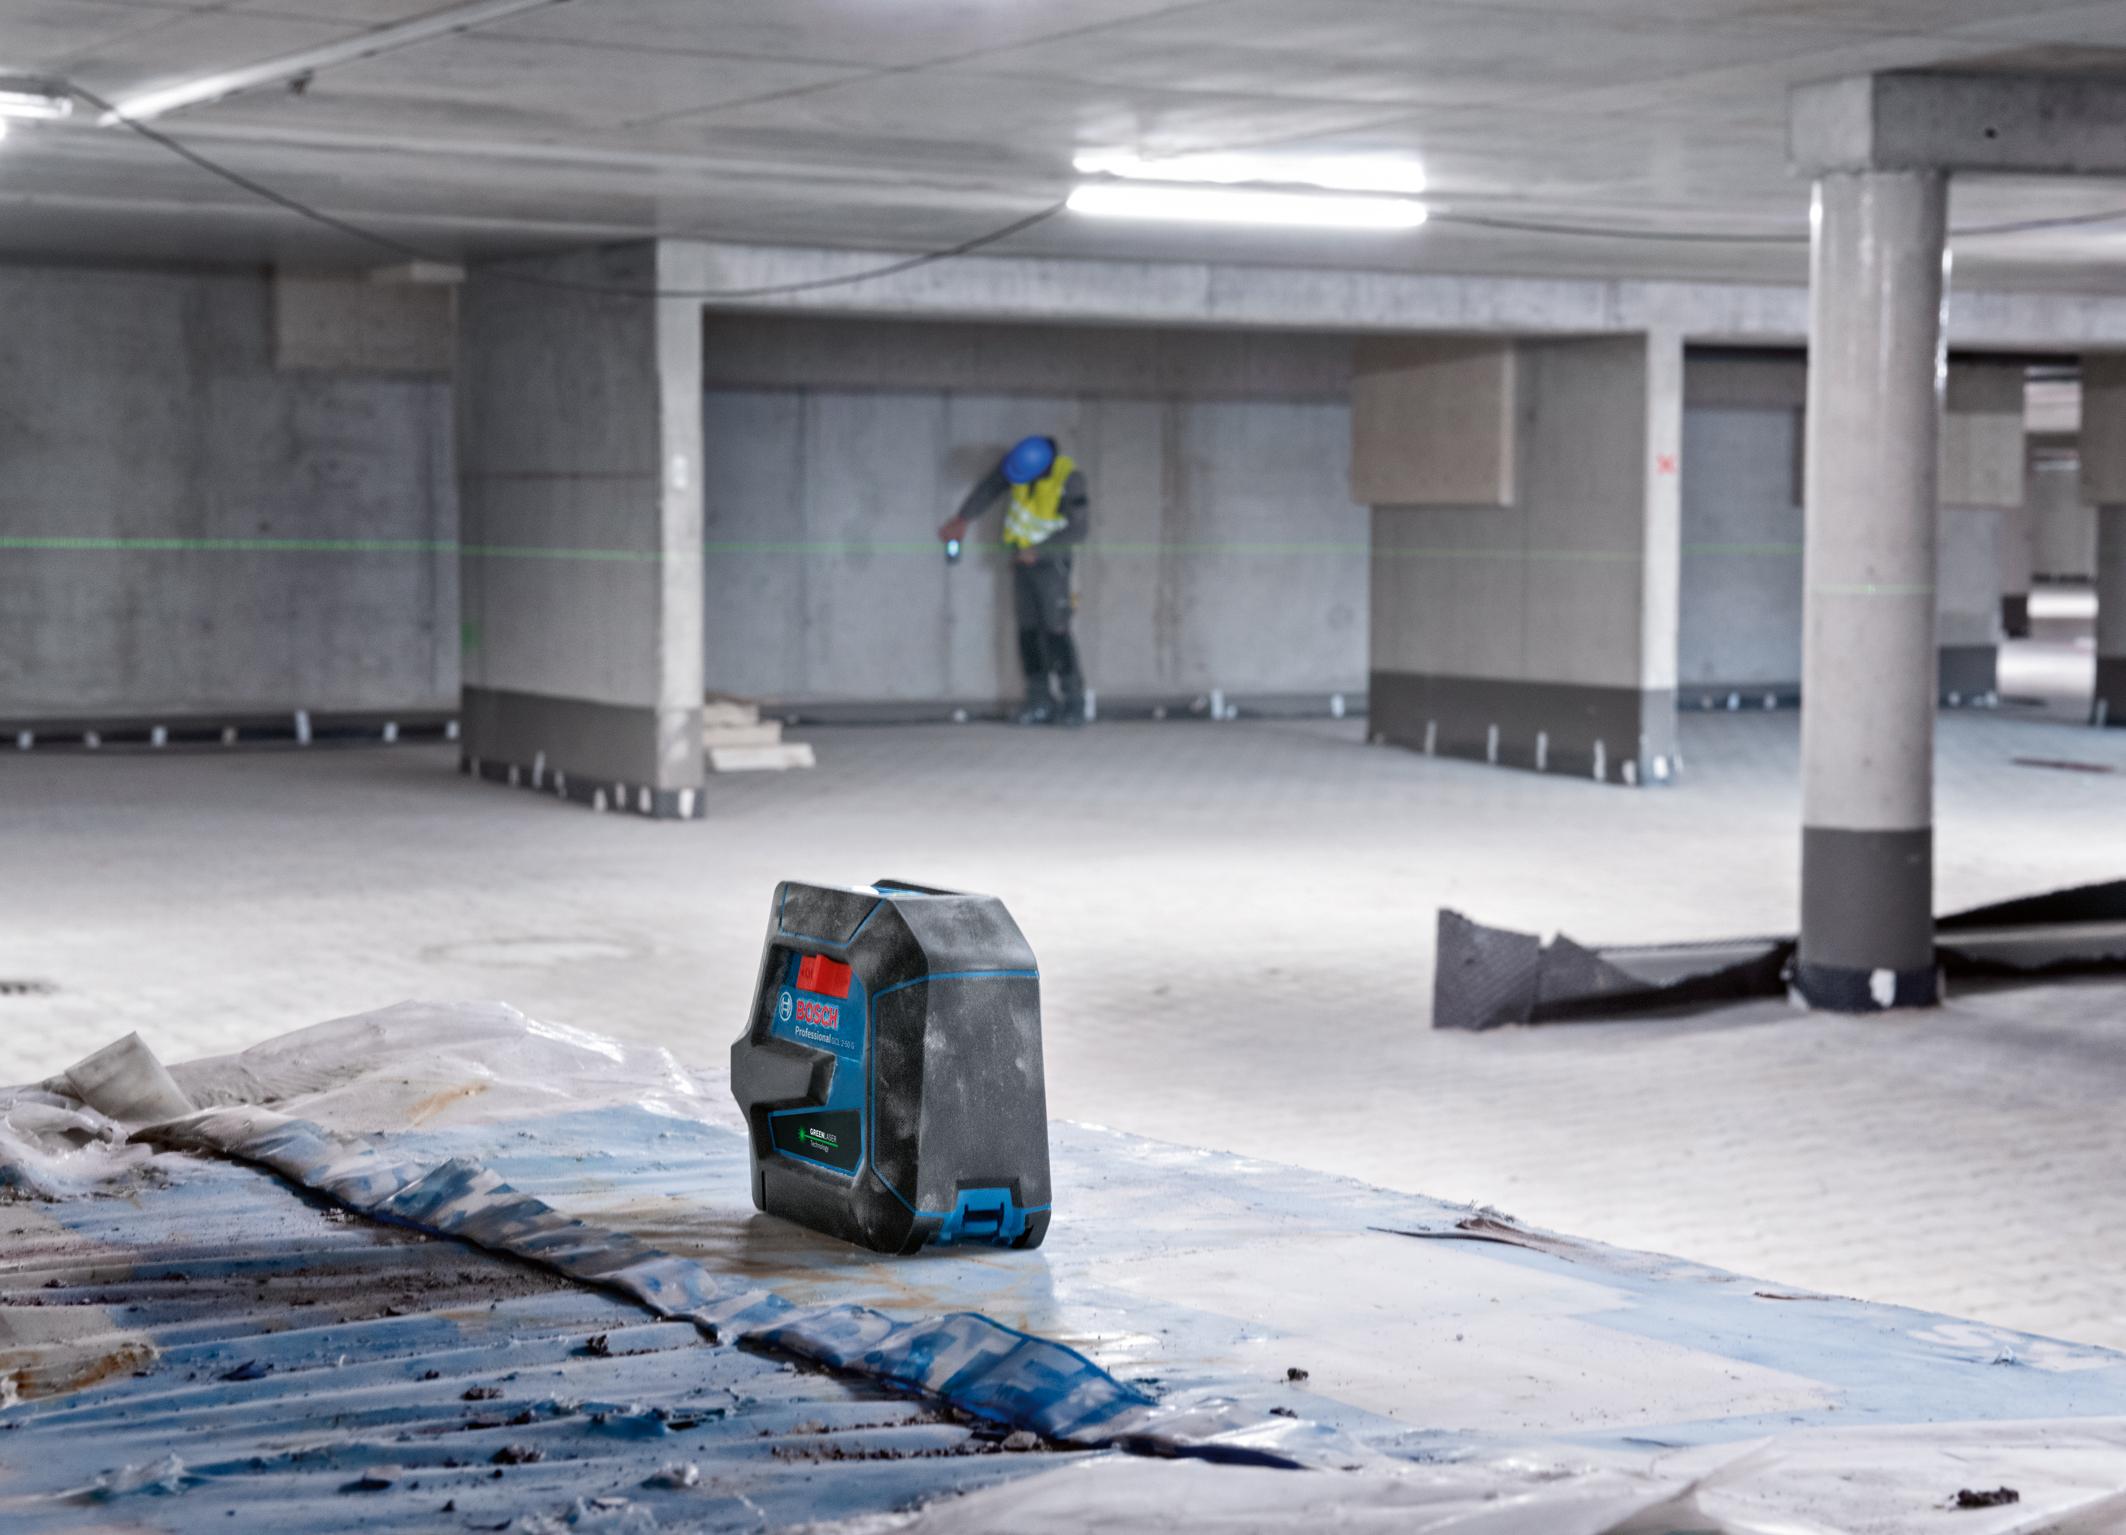 Für vielseitige Aufgaben im Innenausbau: Kombilaser GCL 2-50 G Professional von Bosch für Profis